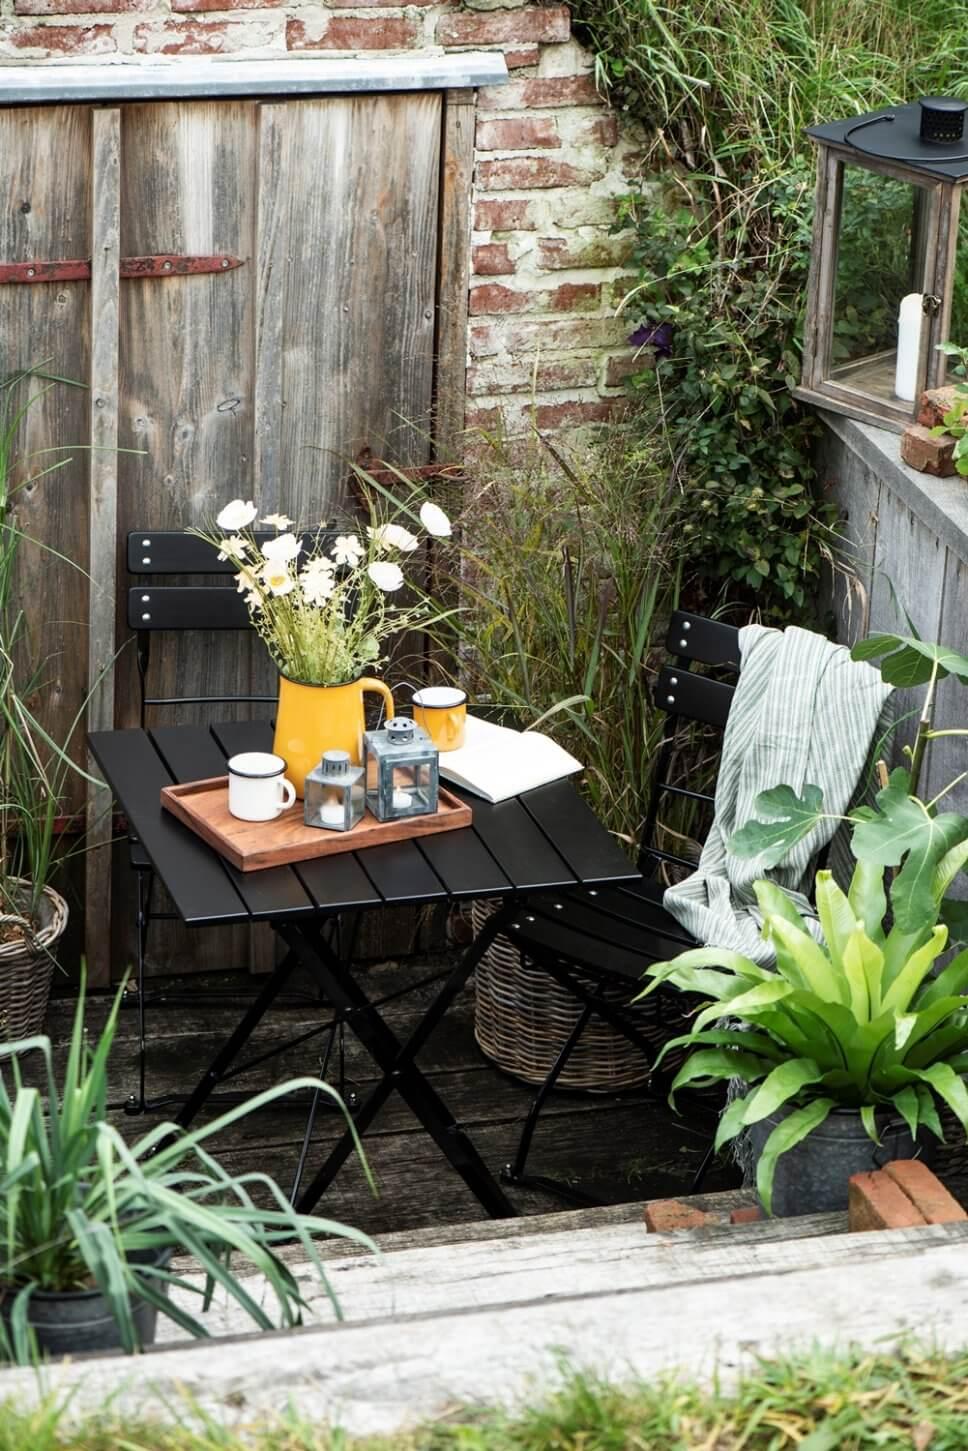 Gemütlich mit Bistromöbeln und vielen Kübelpflanzen eingerichtete Terrasse in Skandinavien